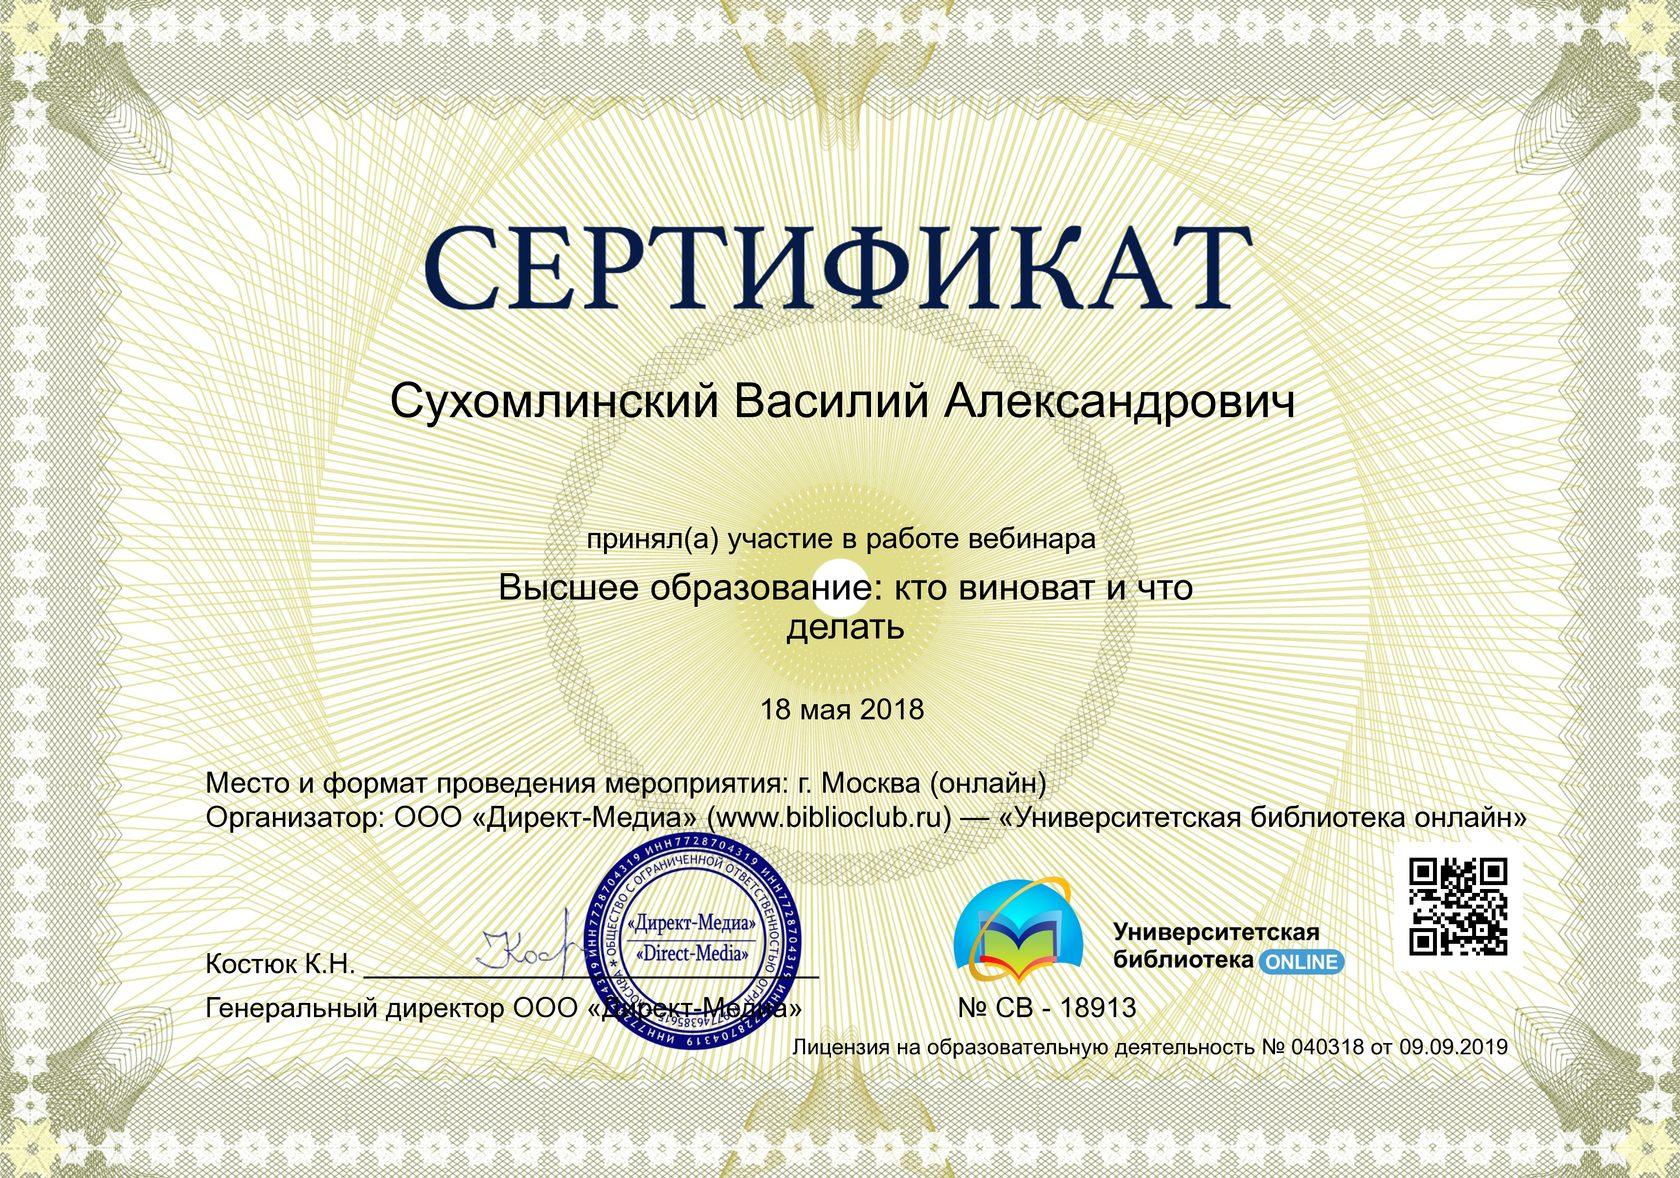 Сертификат об участии в вебинаре